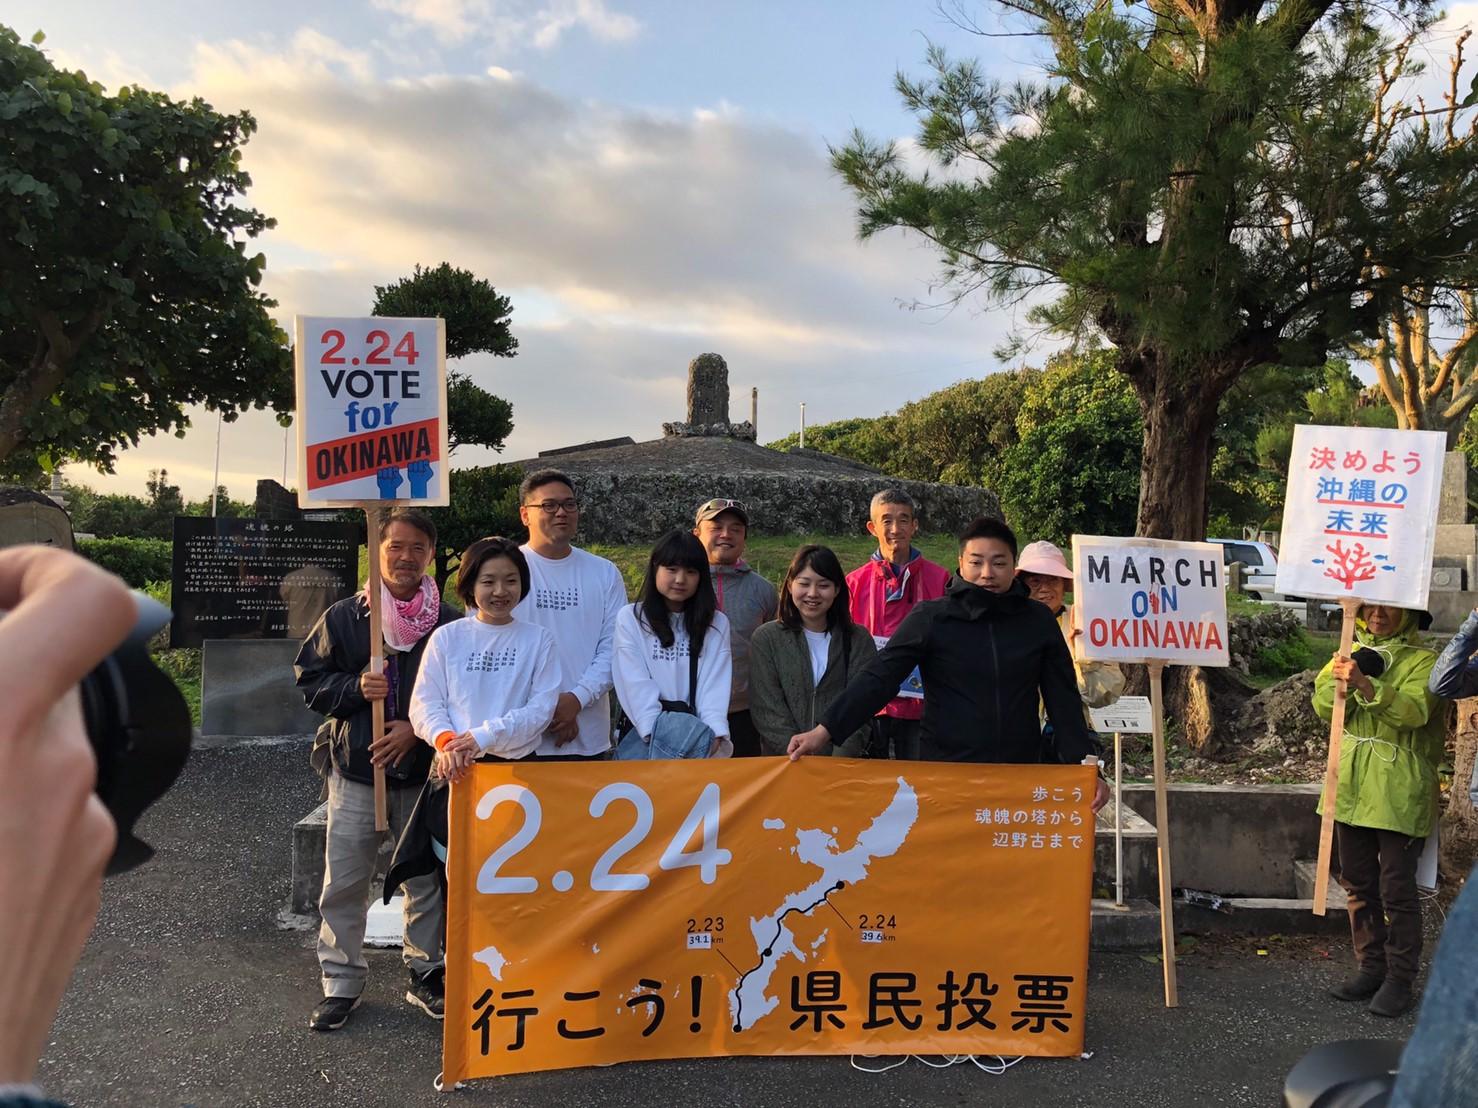 2019年2月県民投票では青年局として本島を徒歩で縦断し投票を呼び掛けた